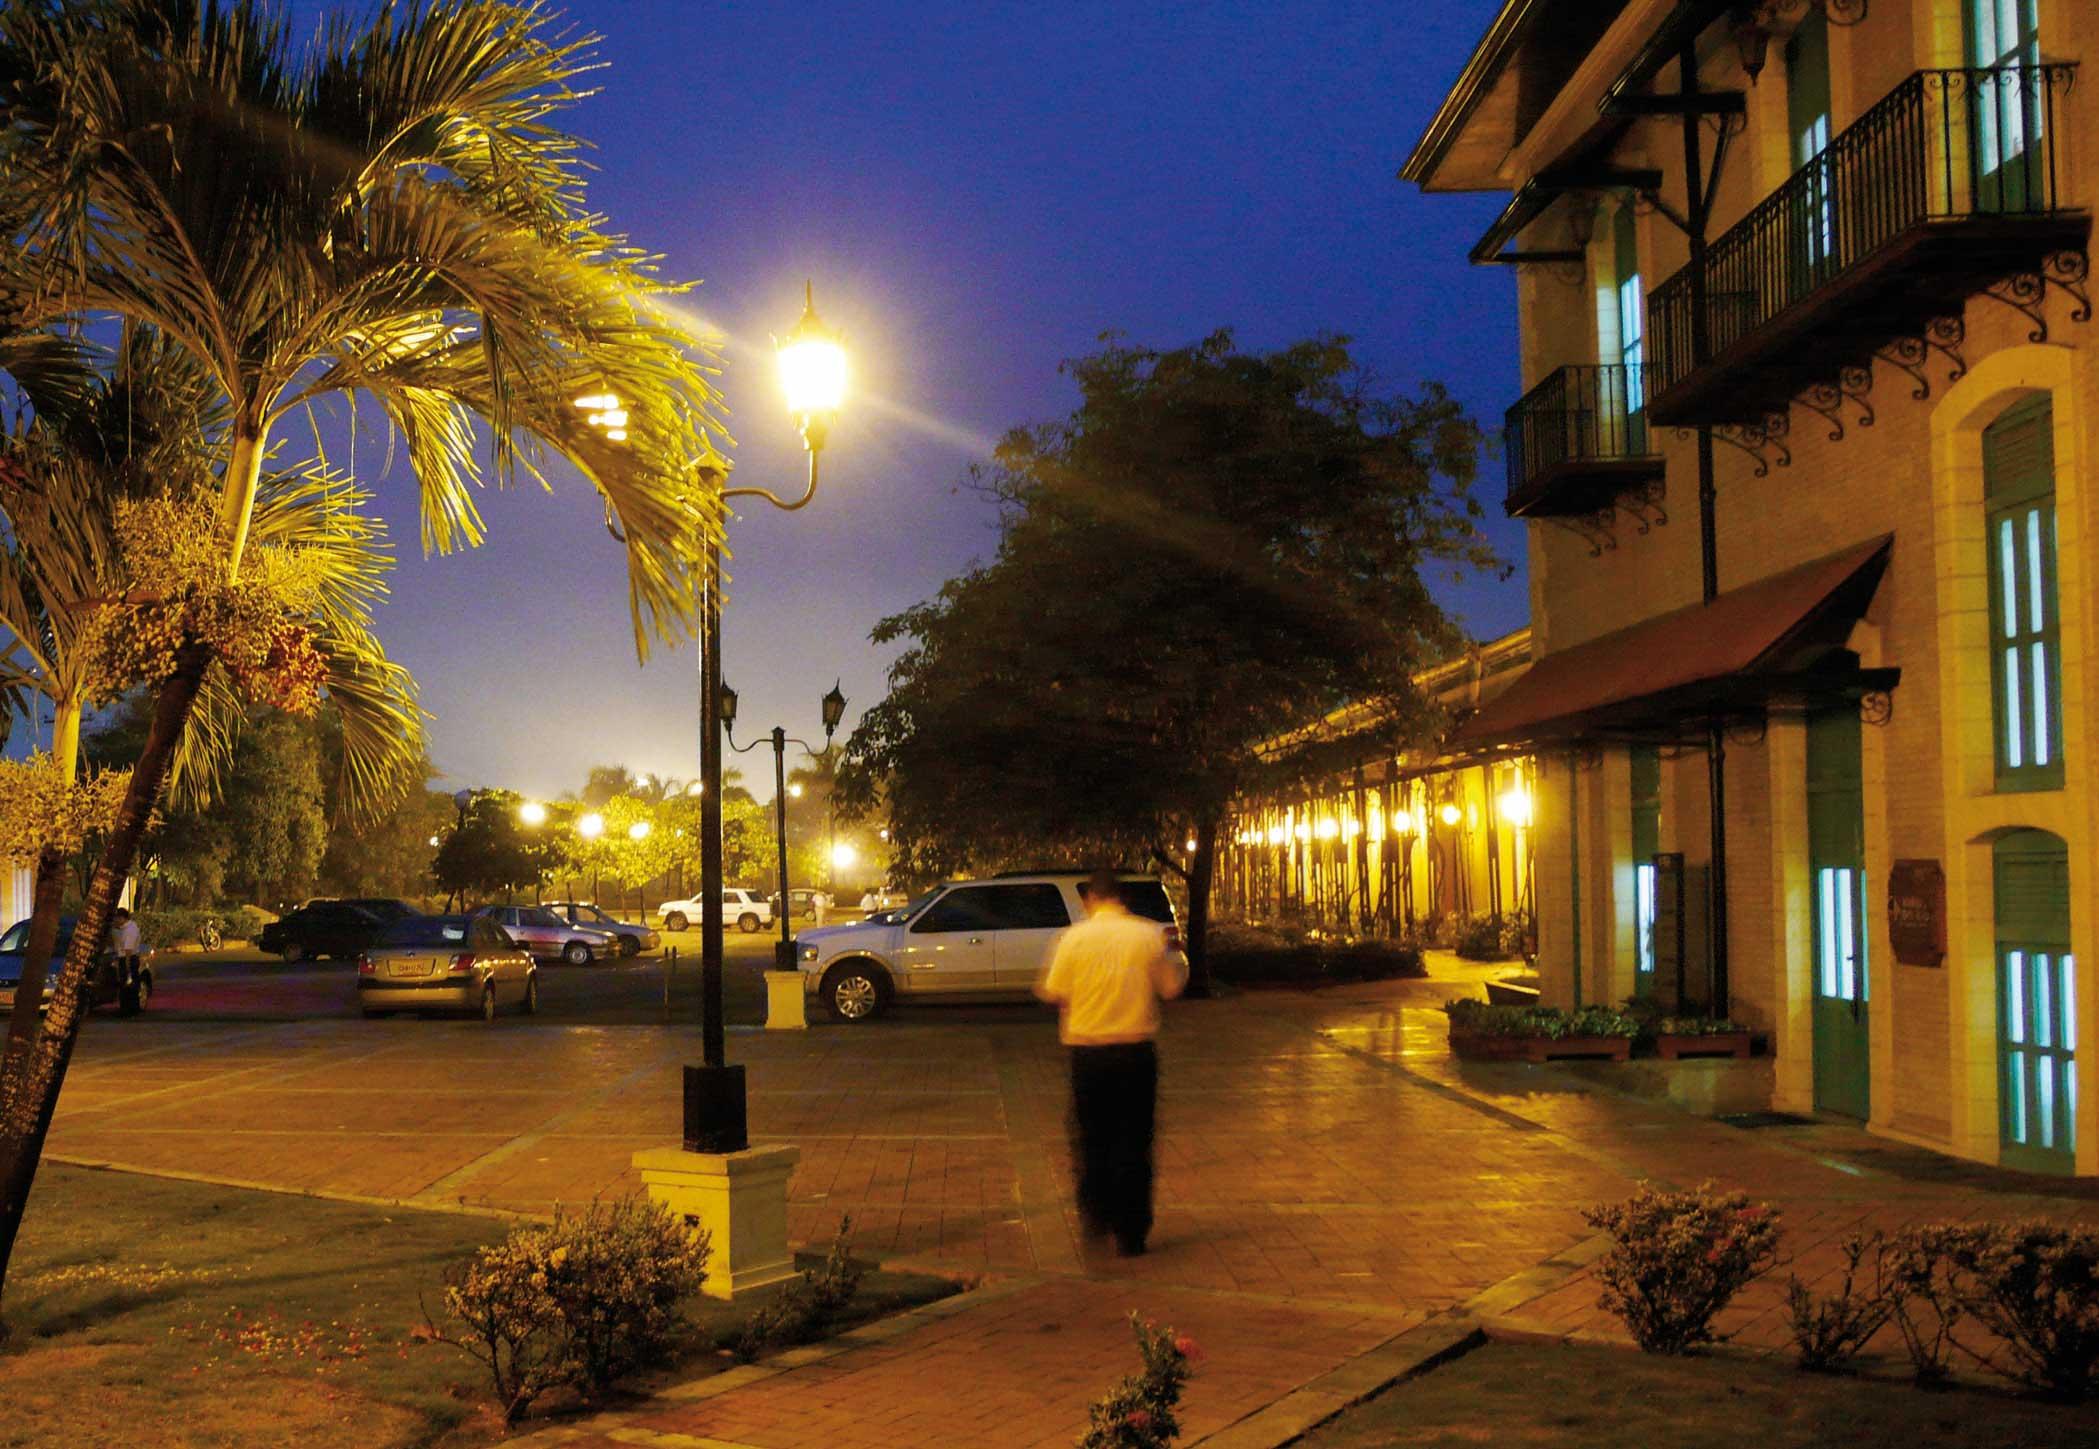 Barranquilla U0026 39 Golden U0026 39 Gateway The City Paper Bogot U00e1